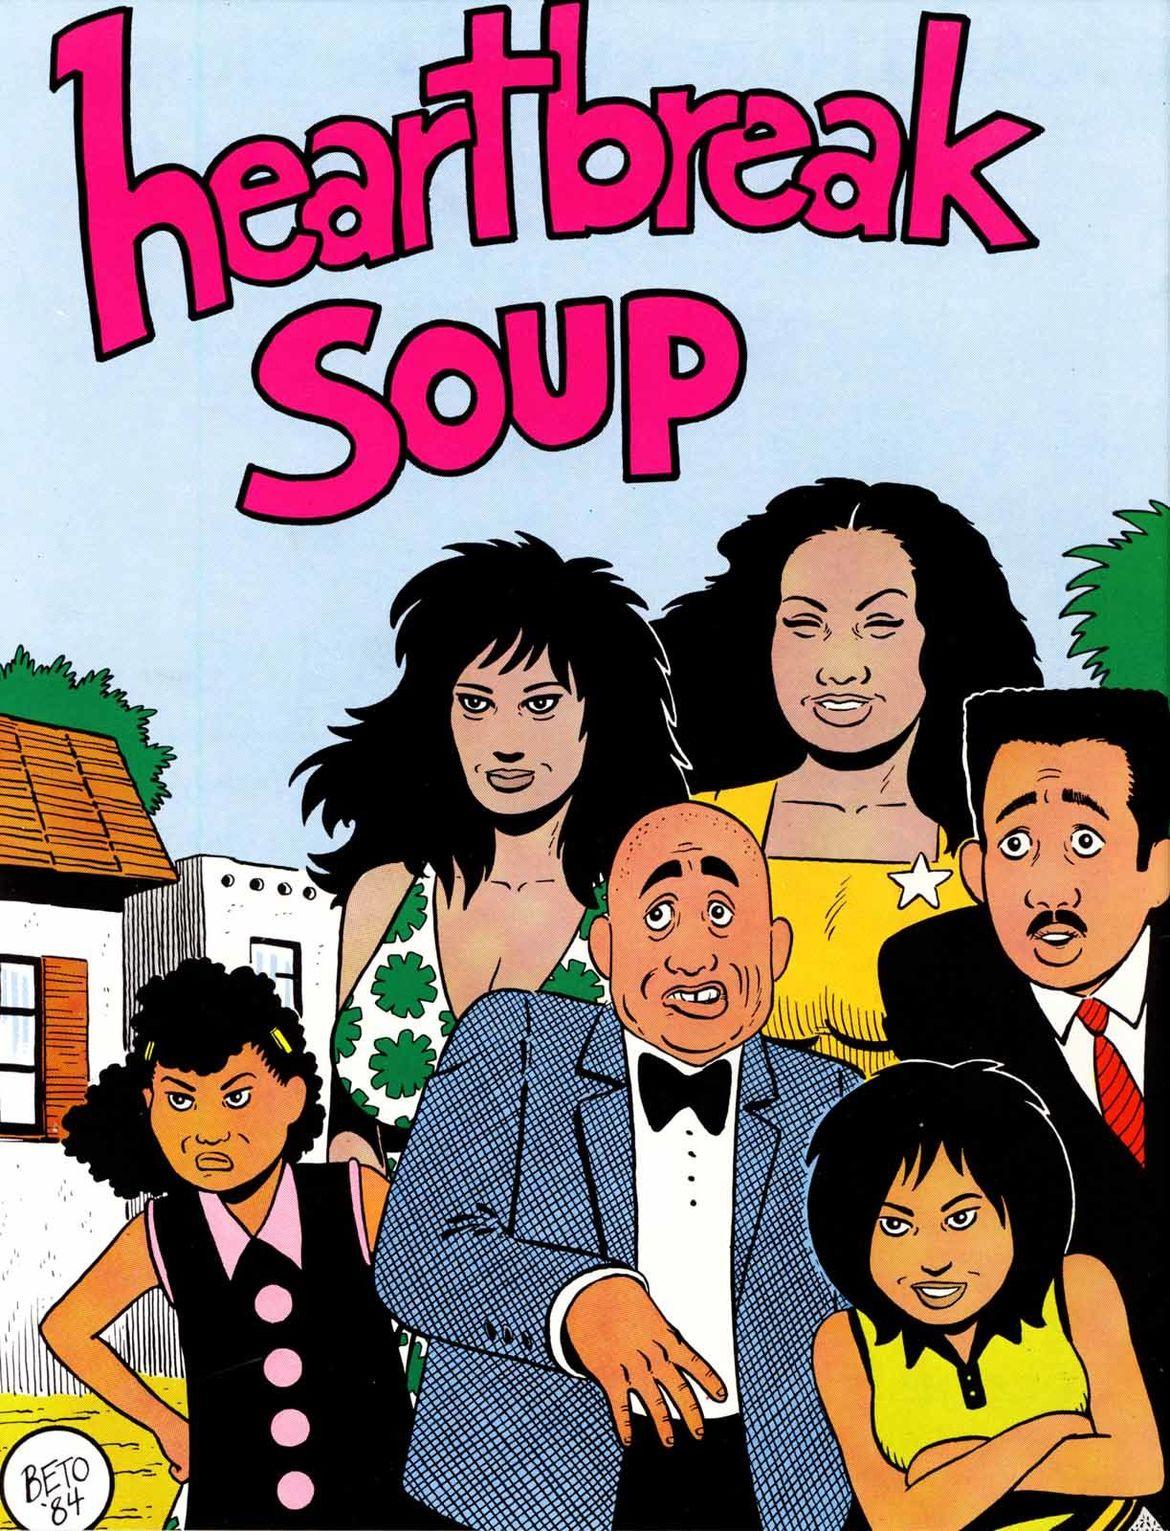 Heartbreak Soup #8